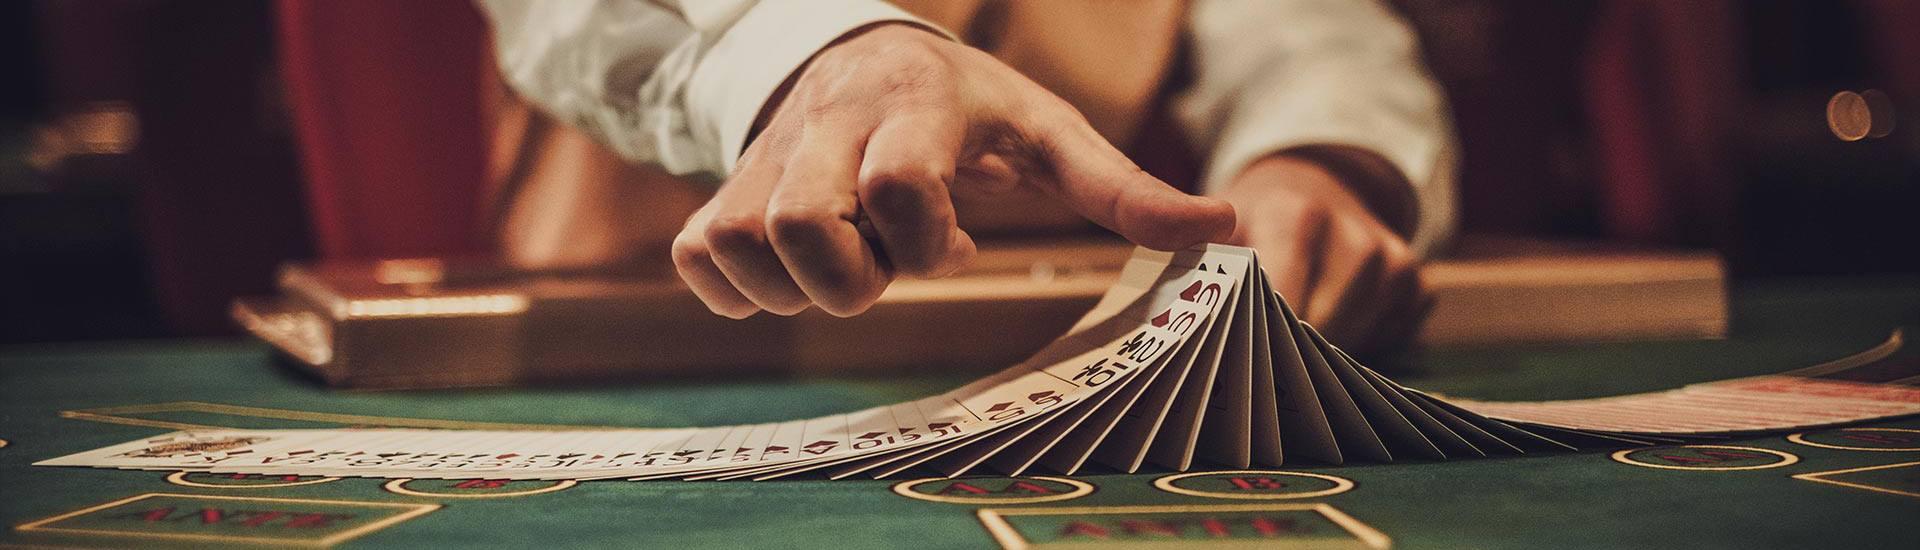 Ganador del casino - Ganador del casino: BONIFICACIÓN DE 200 € = 200 € Imagen de encabezado gratis